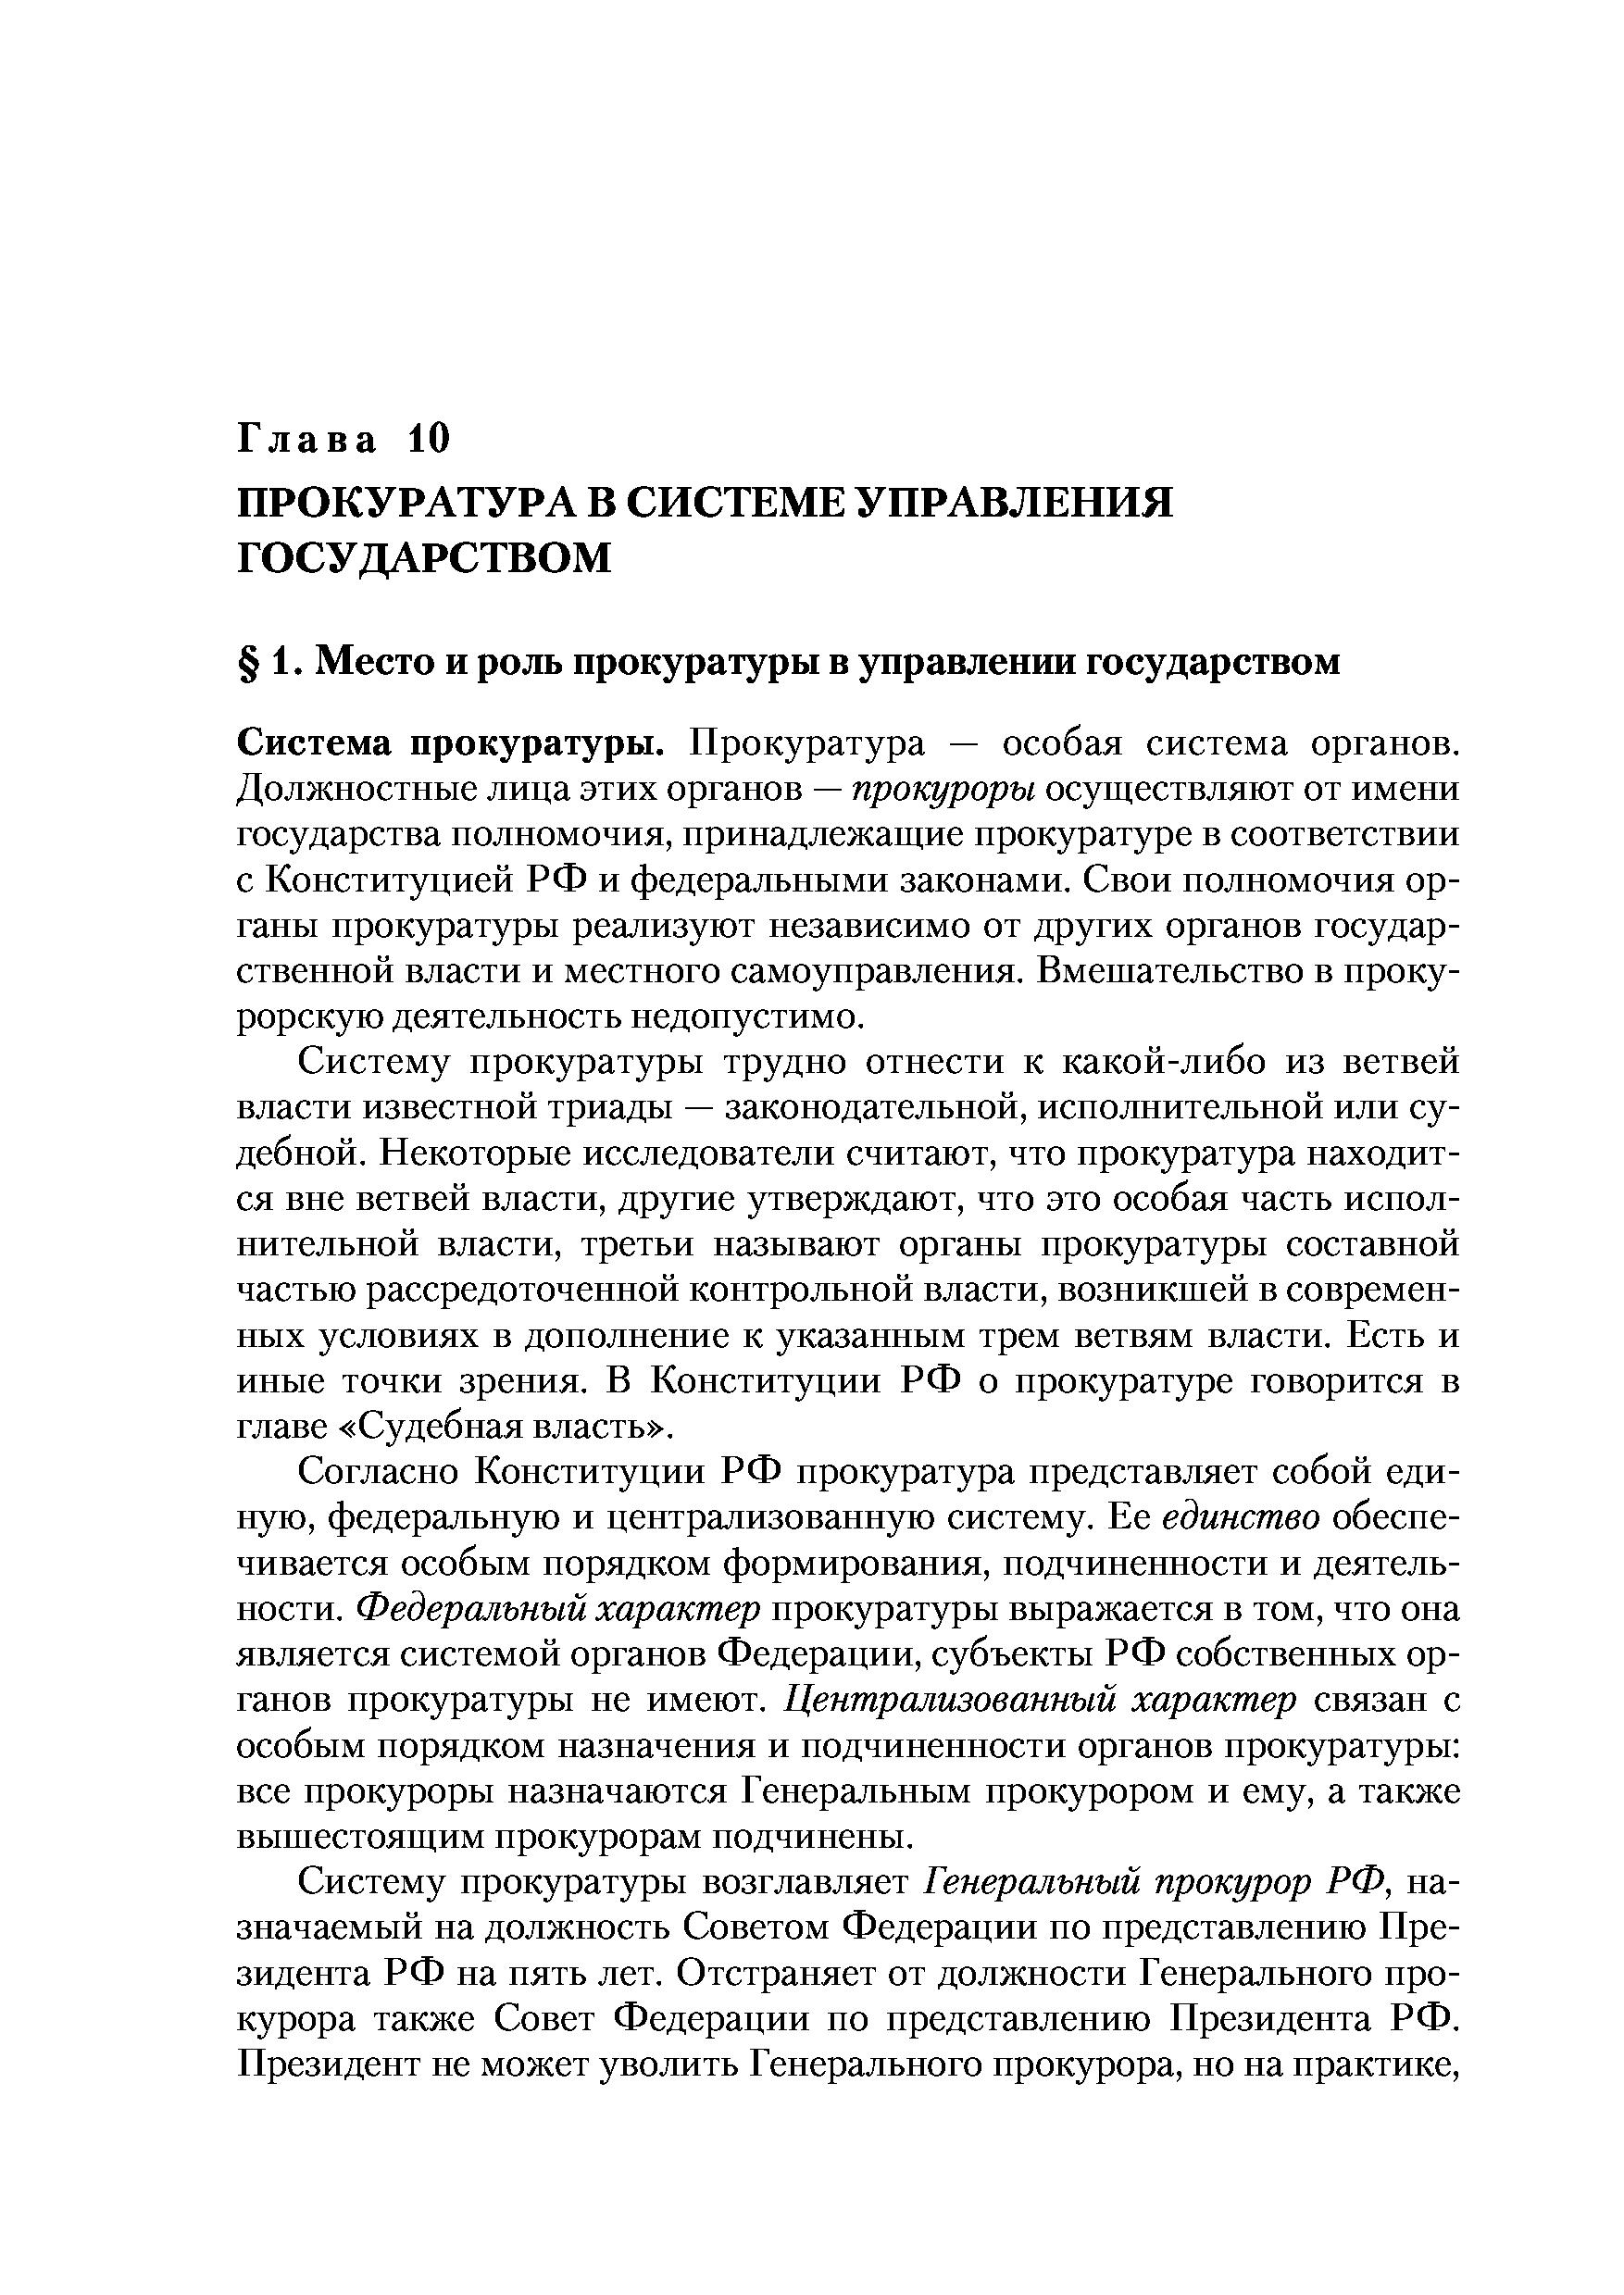 система прокуратуры российской федерации